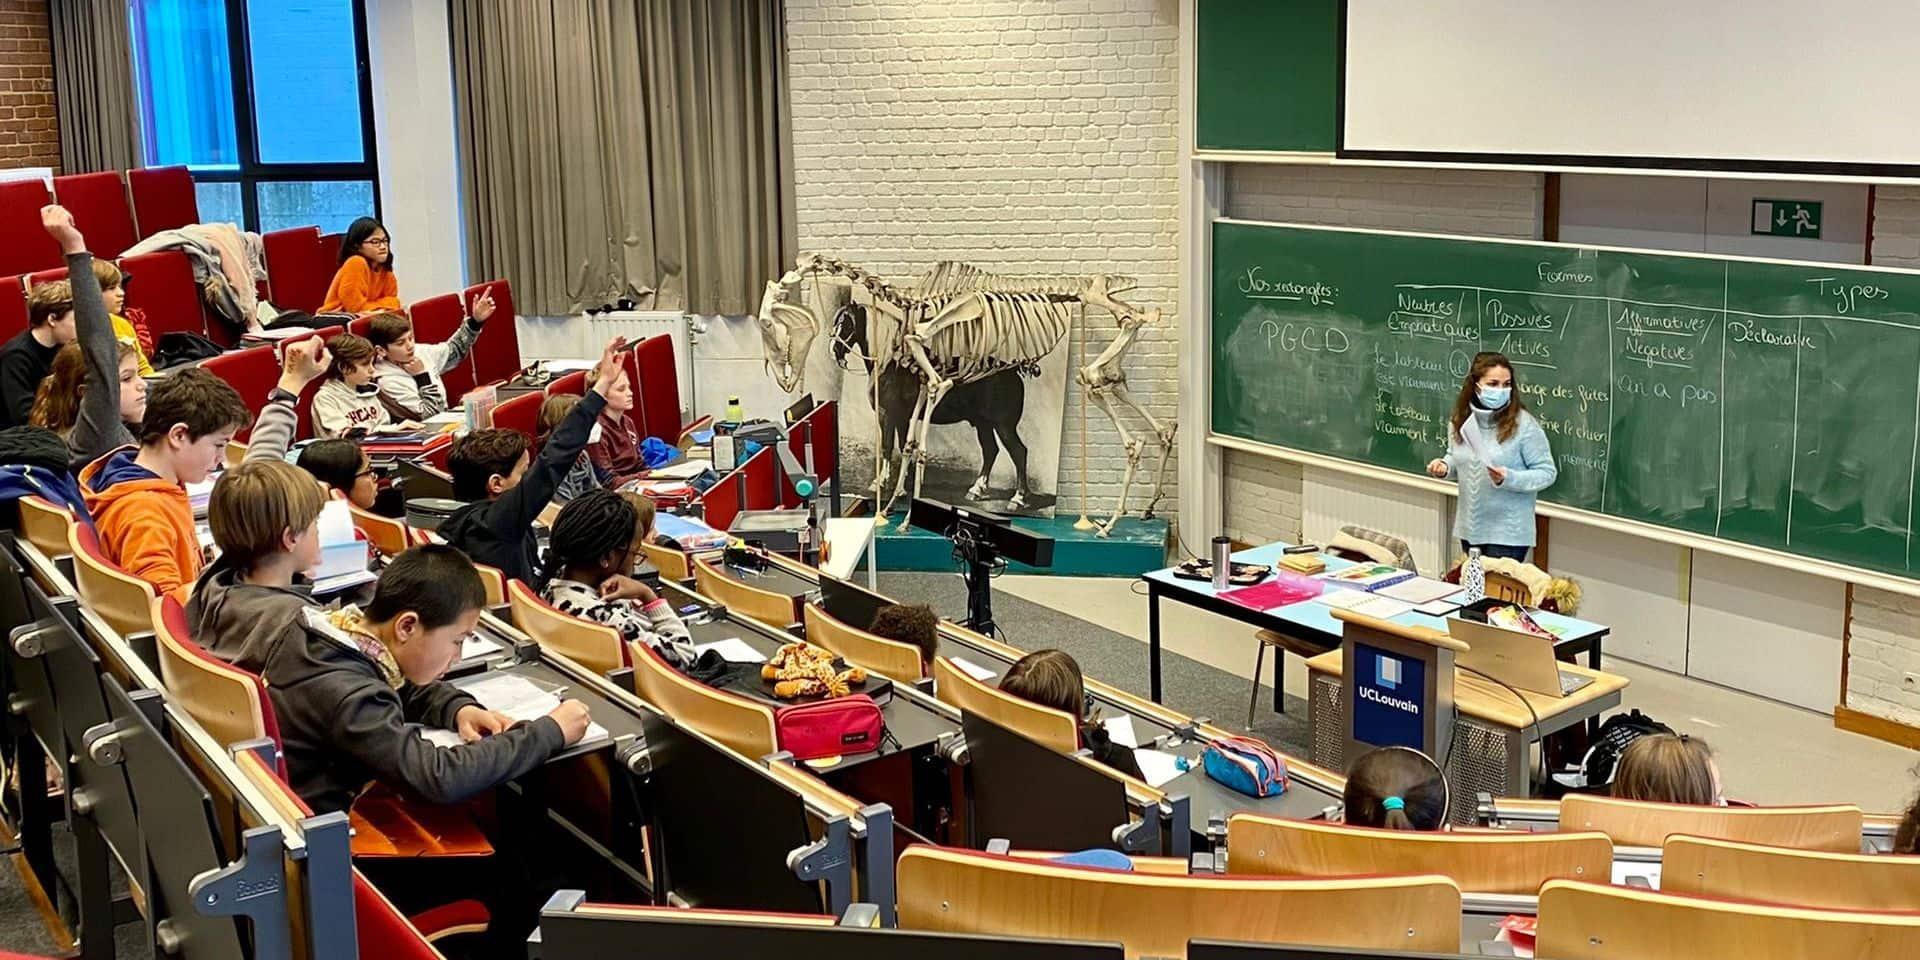 Panne de chauffage au collège du Biéreau: les élèves ont apprécié leur première journée en auditoire